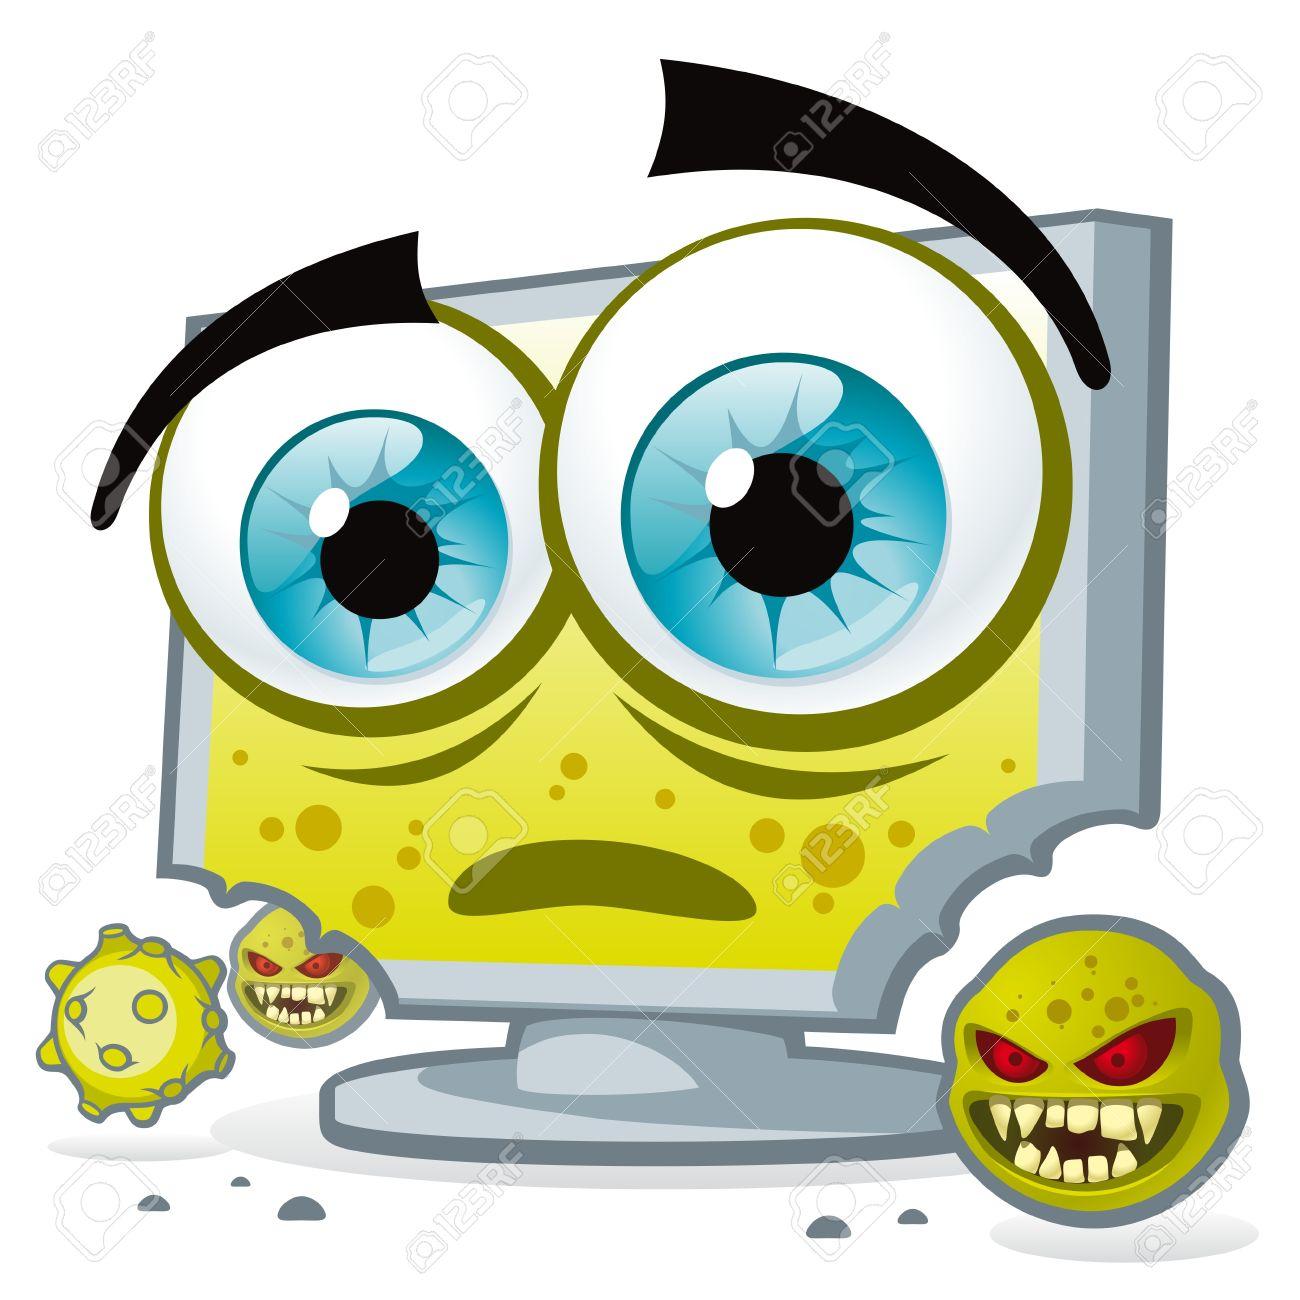 Bật mí địa chỉ mua phần mềm diệt virus kaspersky ưu đãi cao